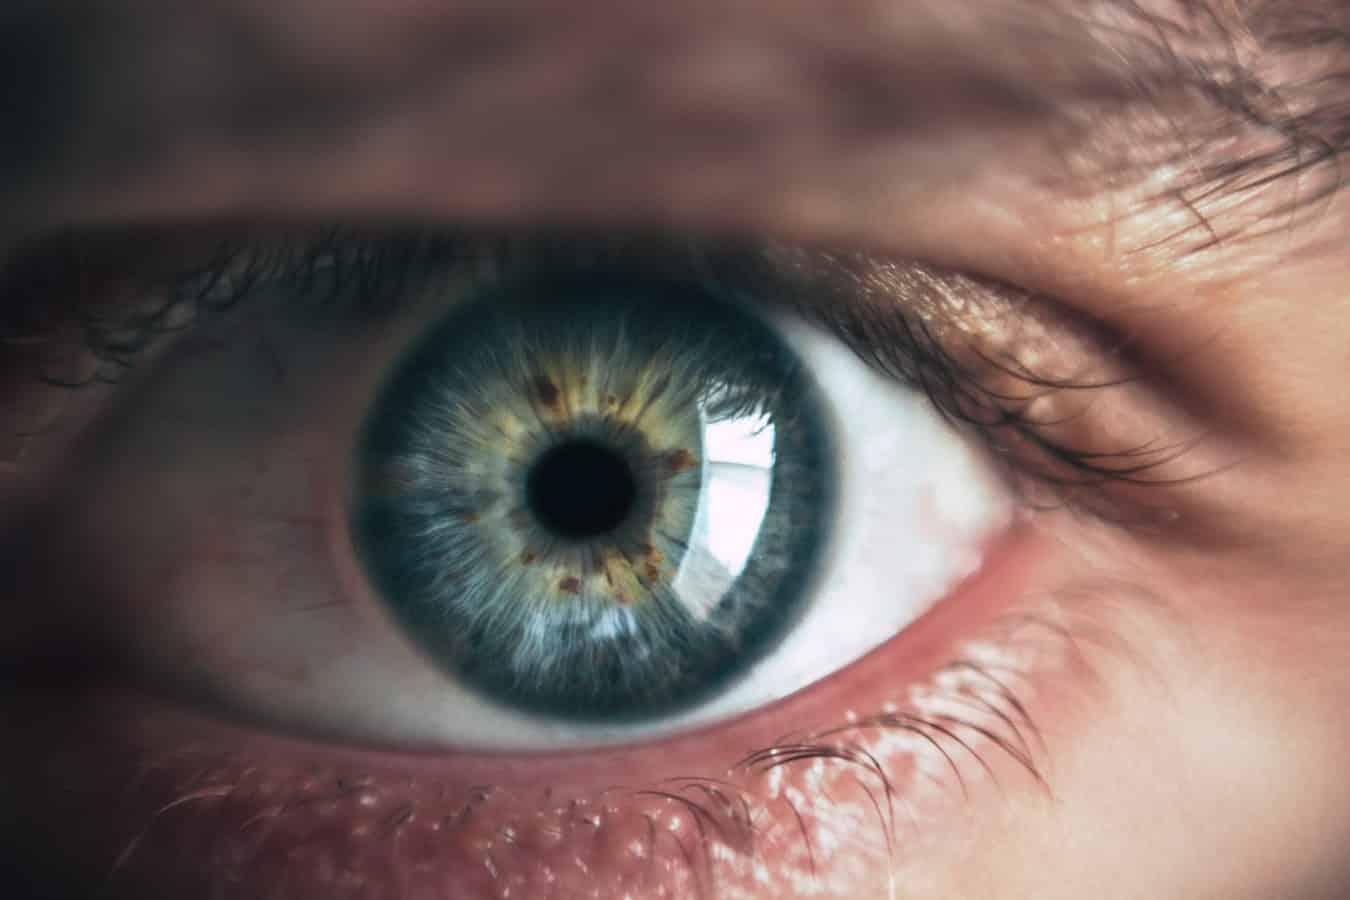 Olhos verdes: 5 coisas para saber sobre essa rara cor de olhos